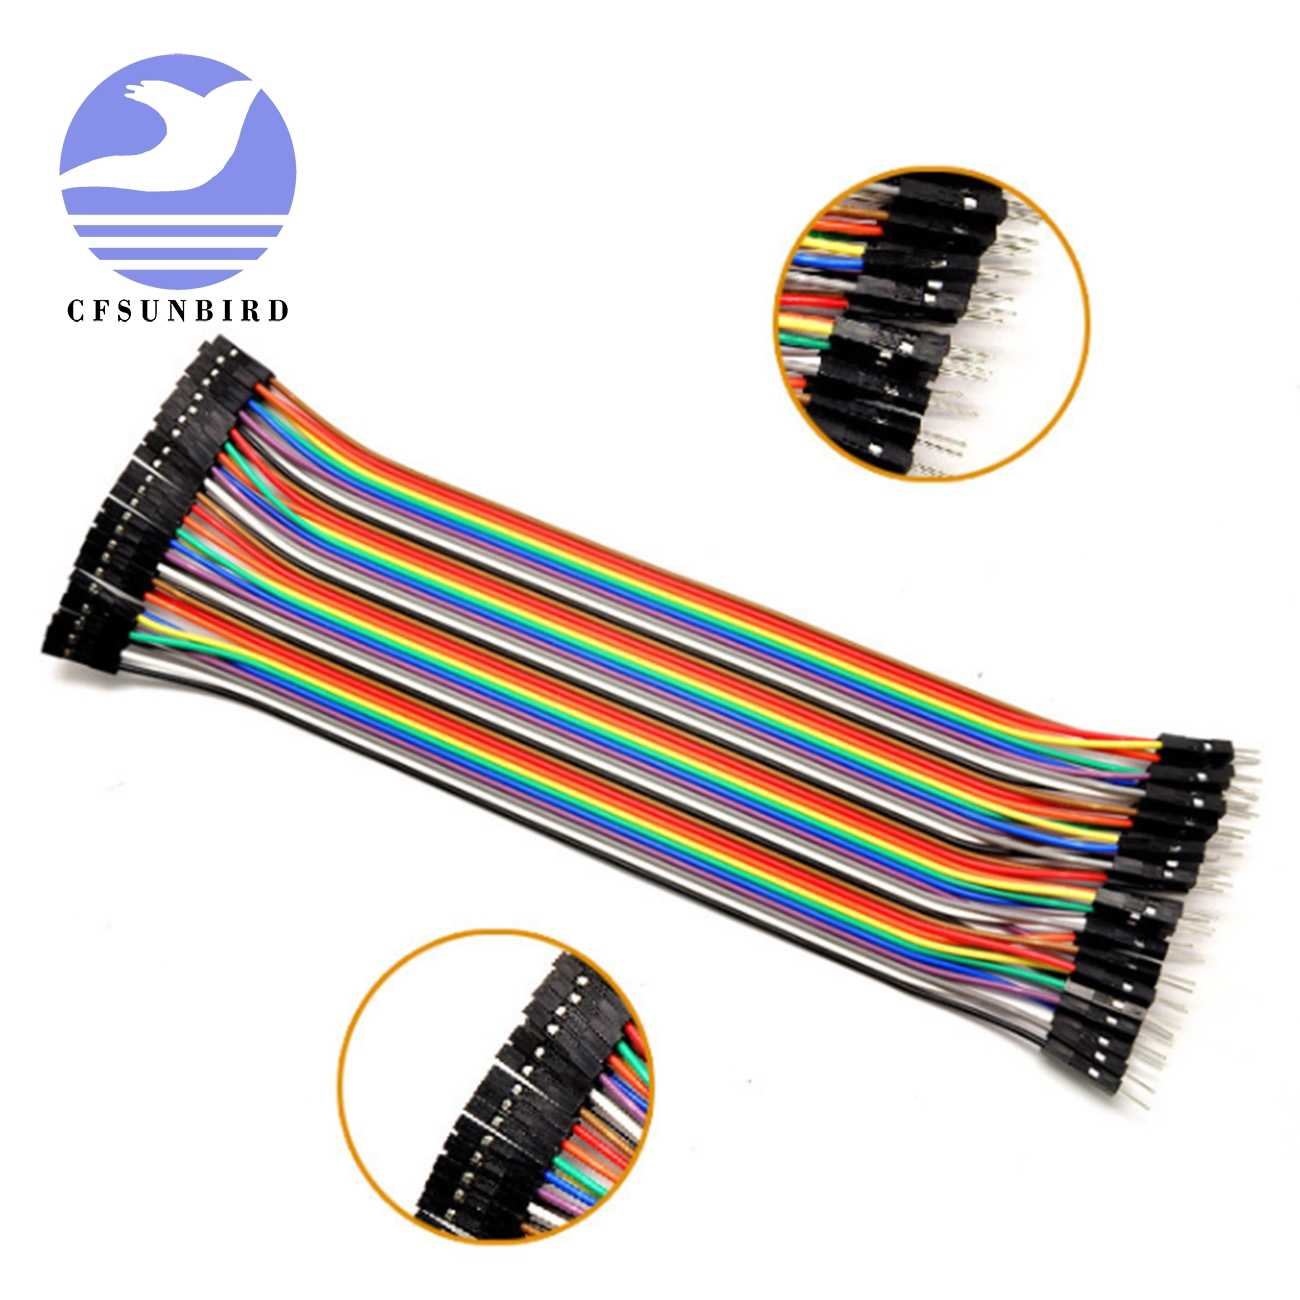 デュポンライン 10 センチ/20 センチ/30 センチオス/メス男性または女性ジャンパー線デュポンケーブル arduino の diy キット